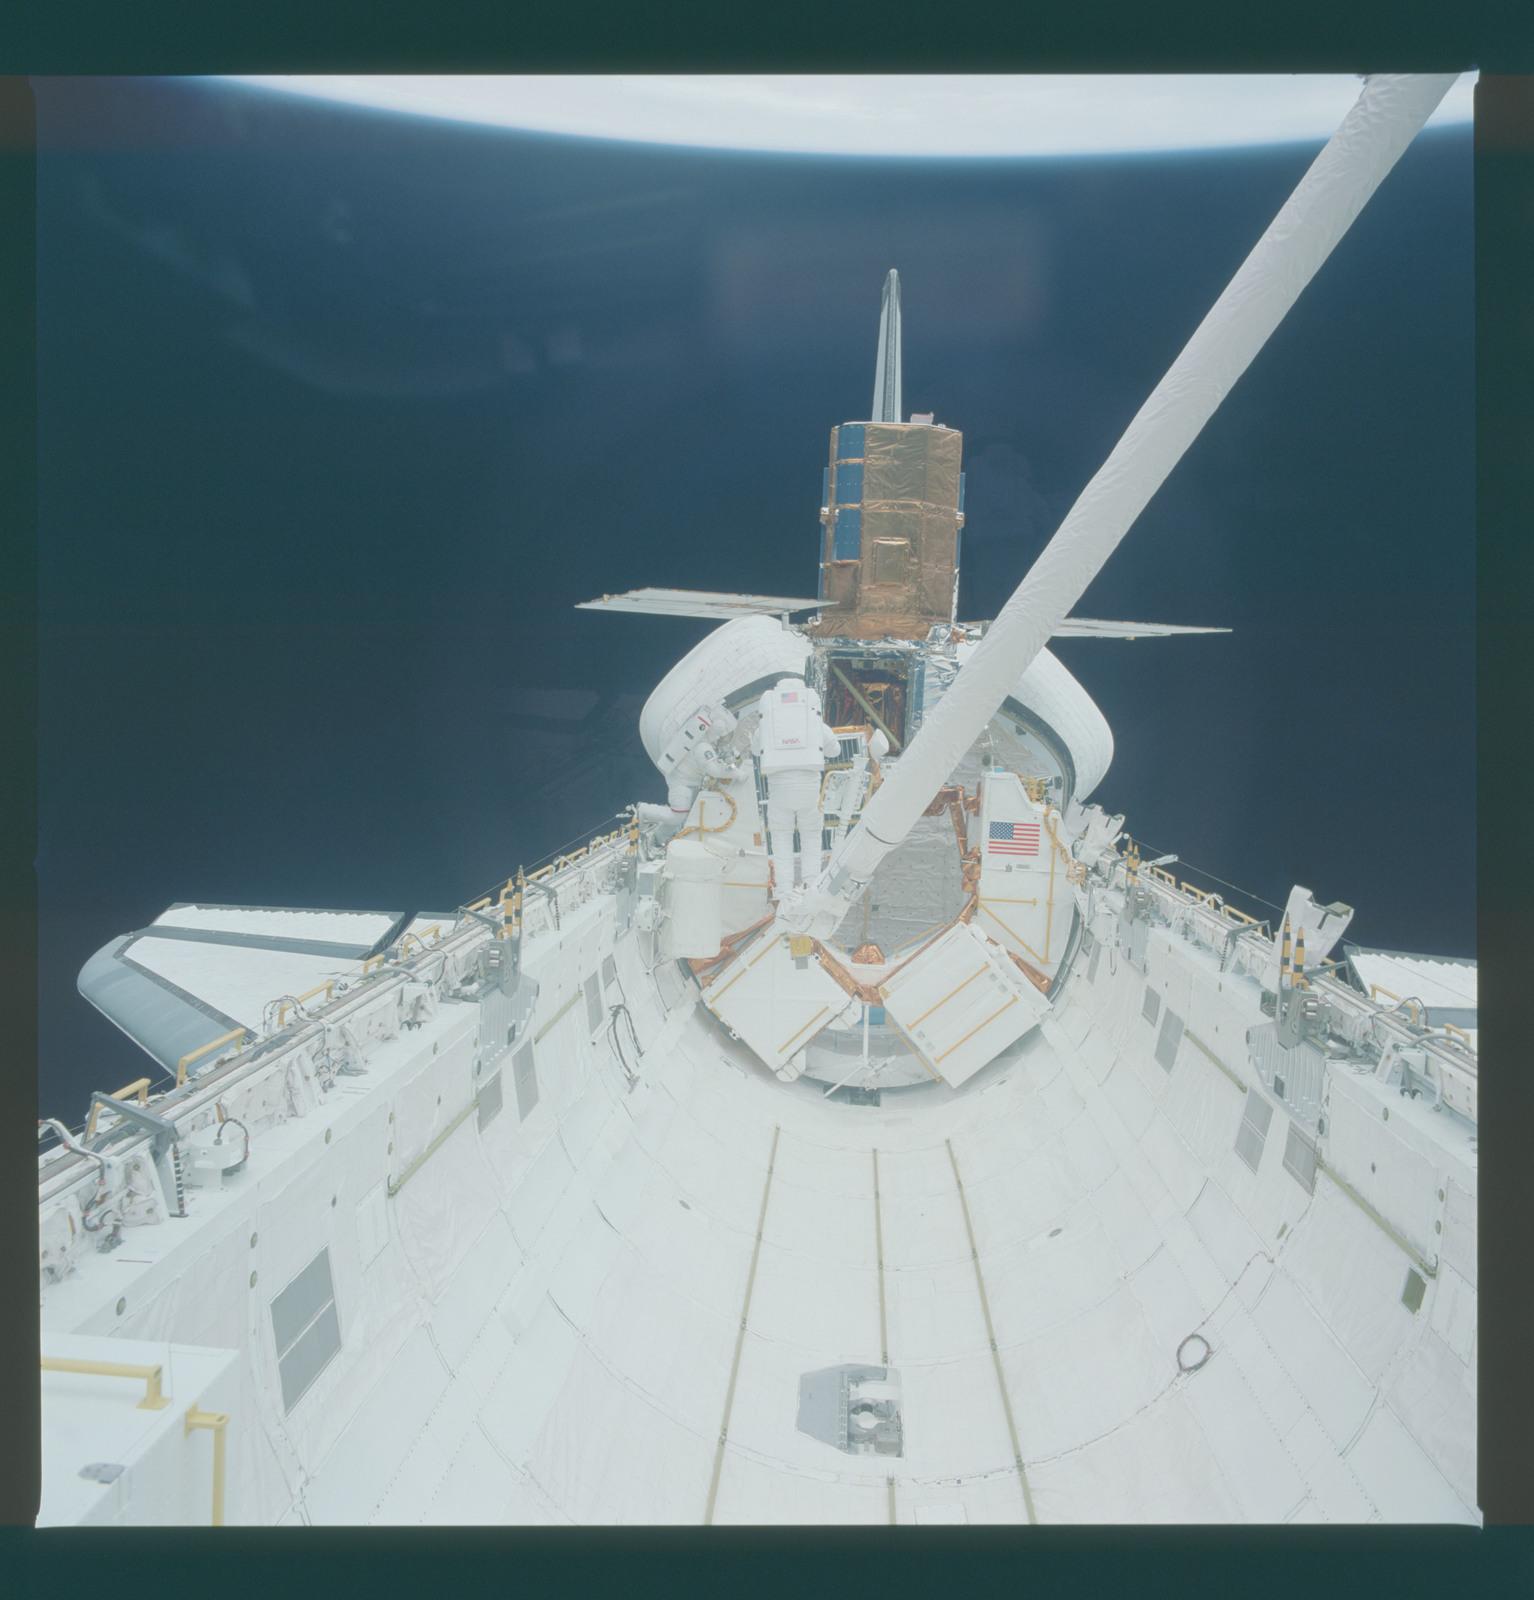 41C-37-1701 - STS-41C - EVA to repair the SMM